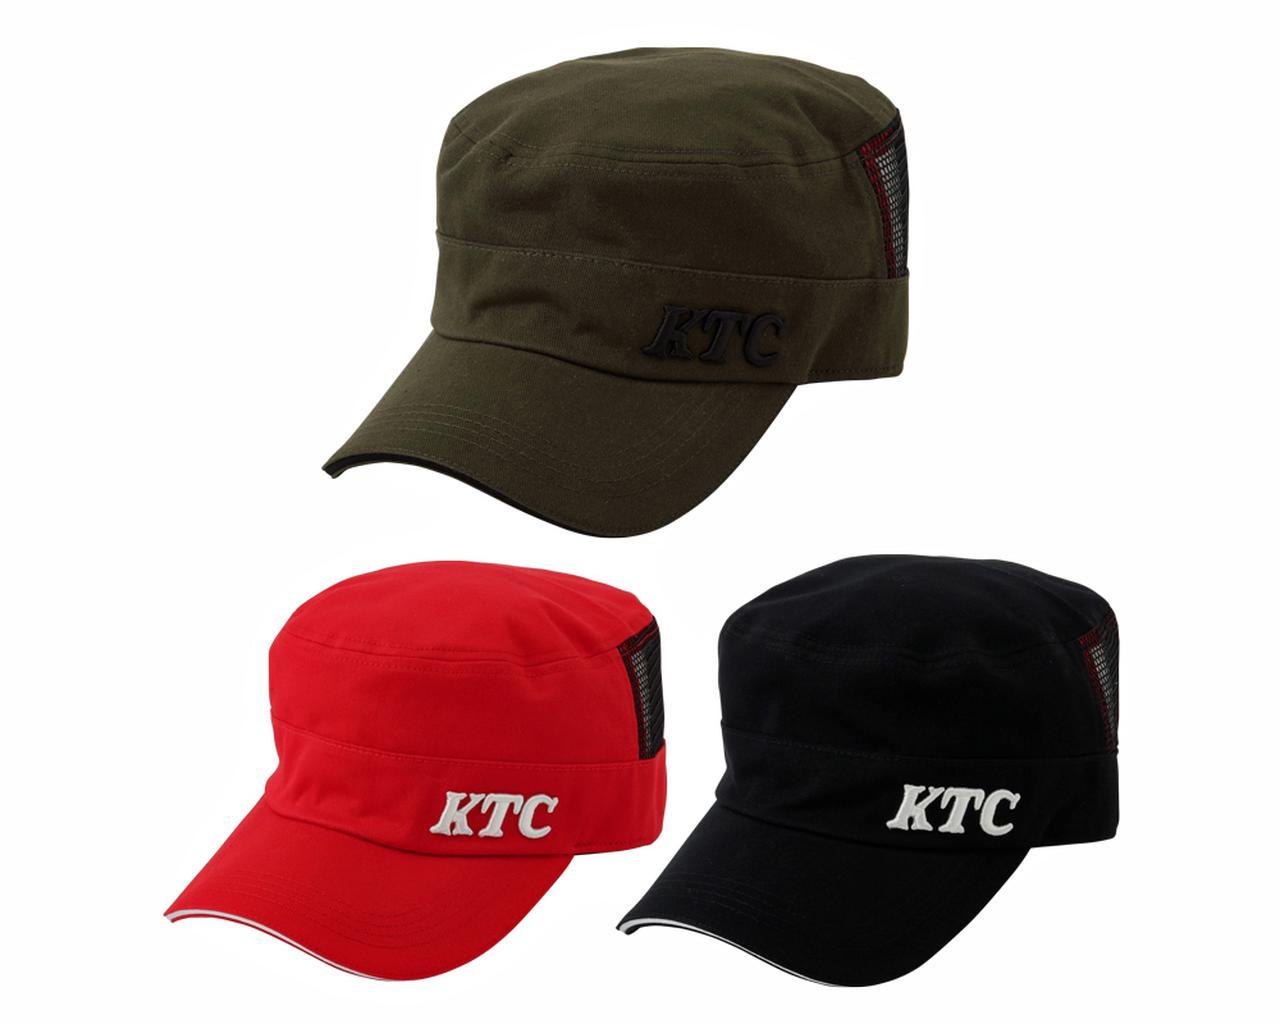 画像: カラーは、カーキ/レッド/ブラック。いずれも左前に「KTC」のロゴが入り、後ろのメッシュ部分はブラックとなる。